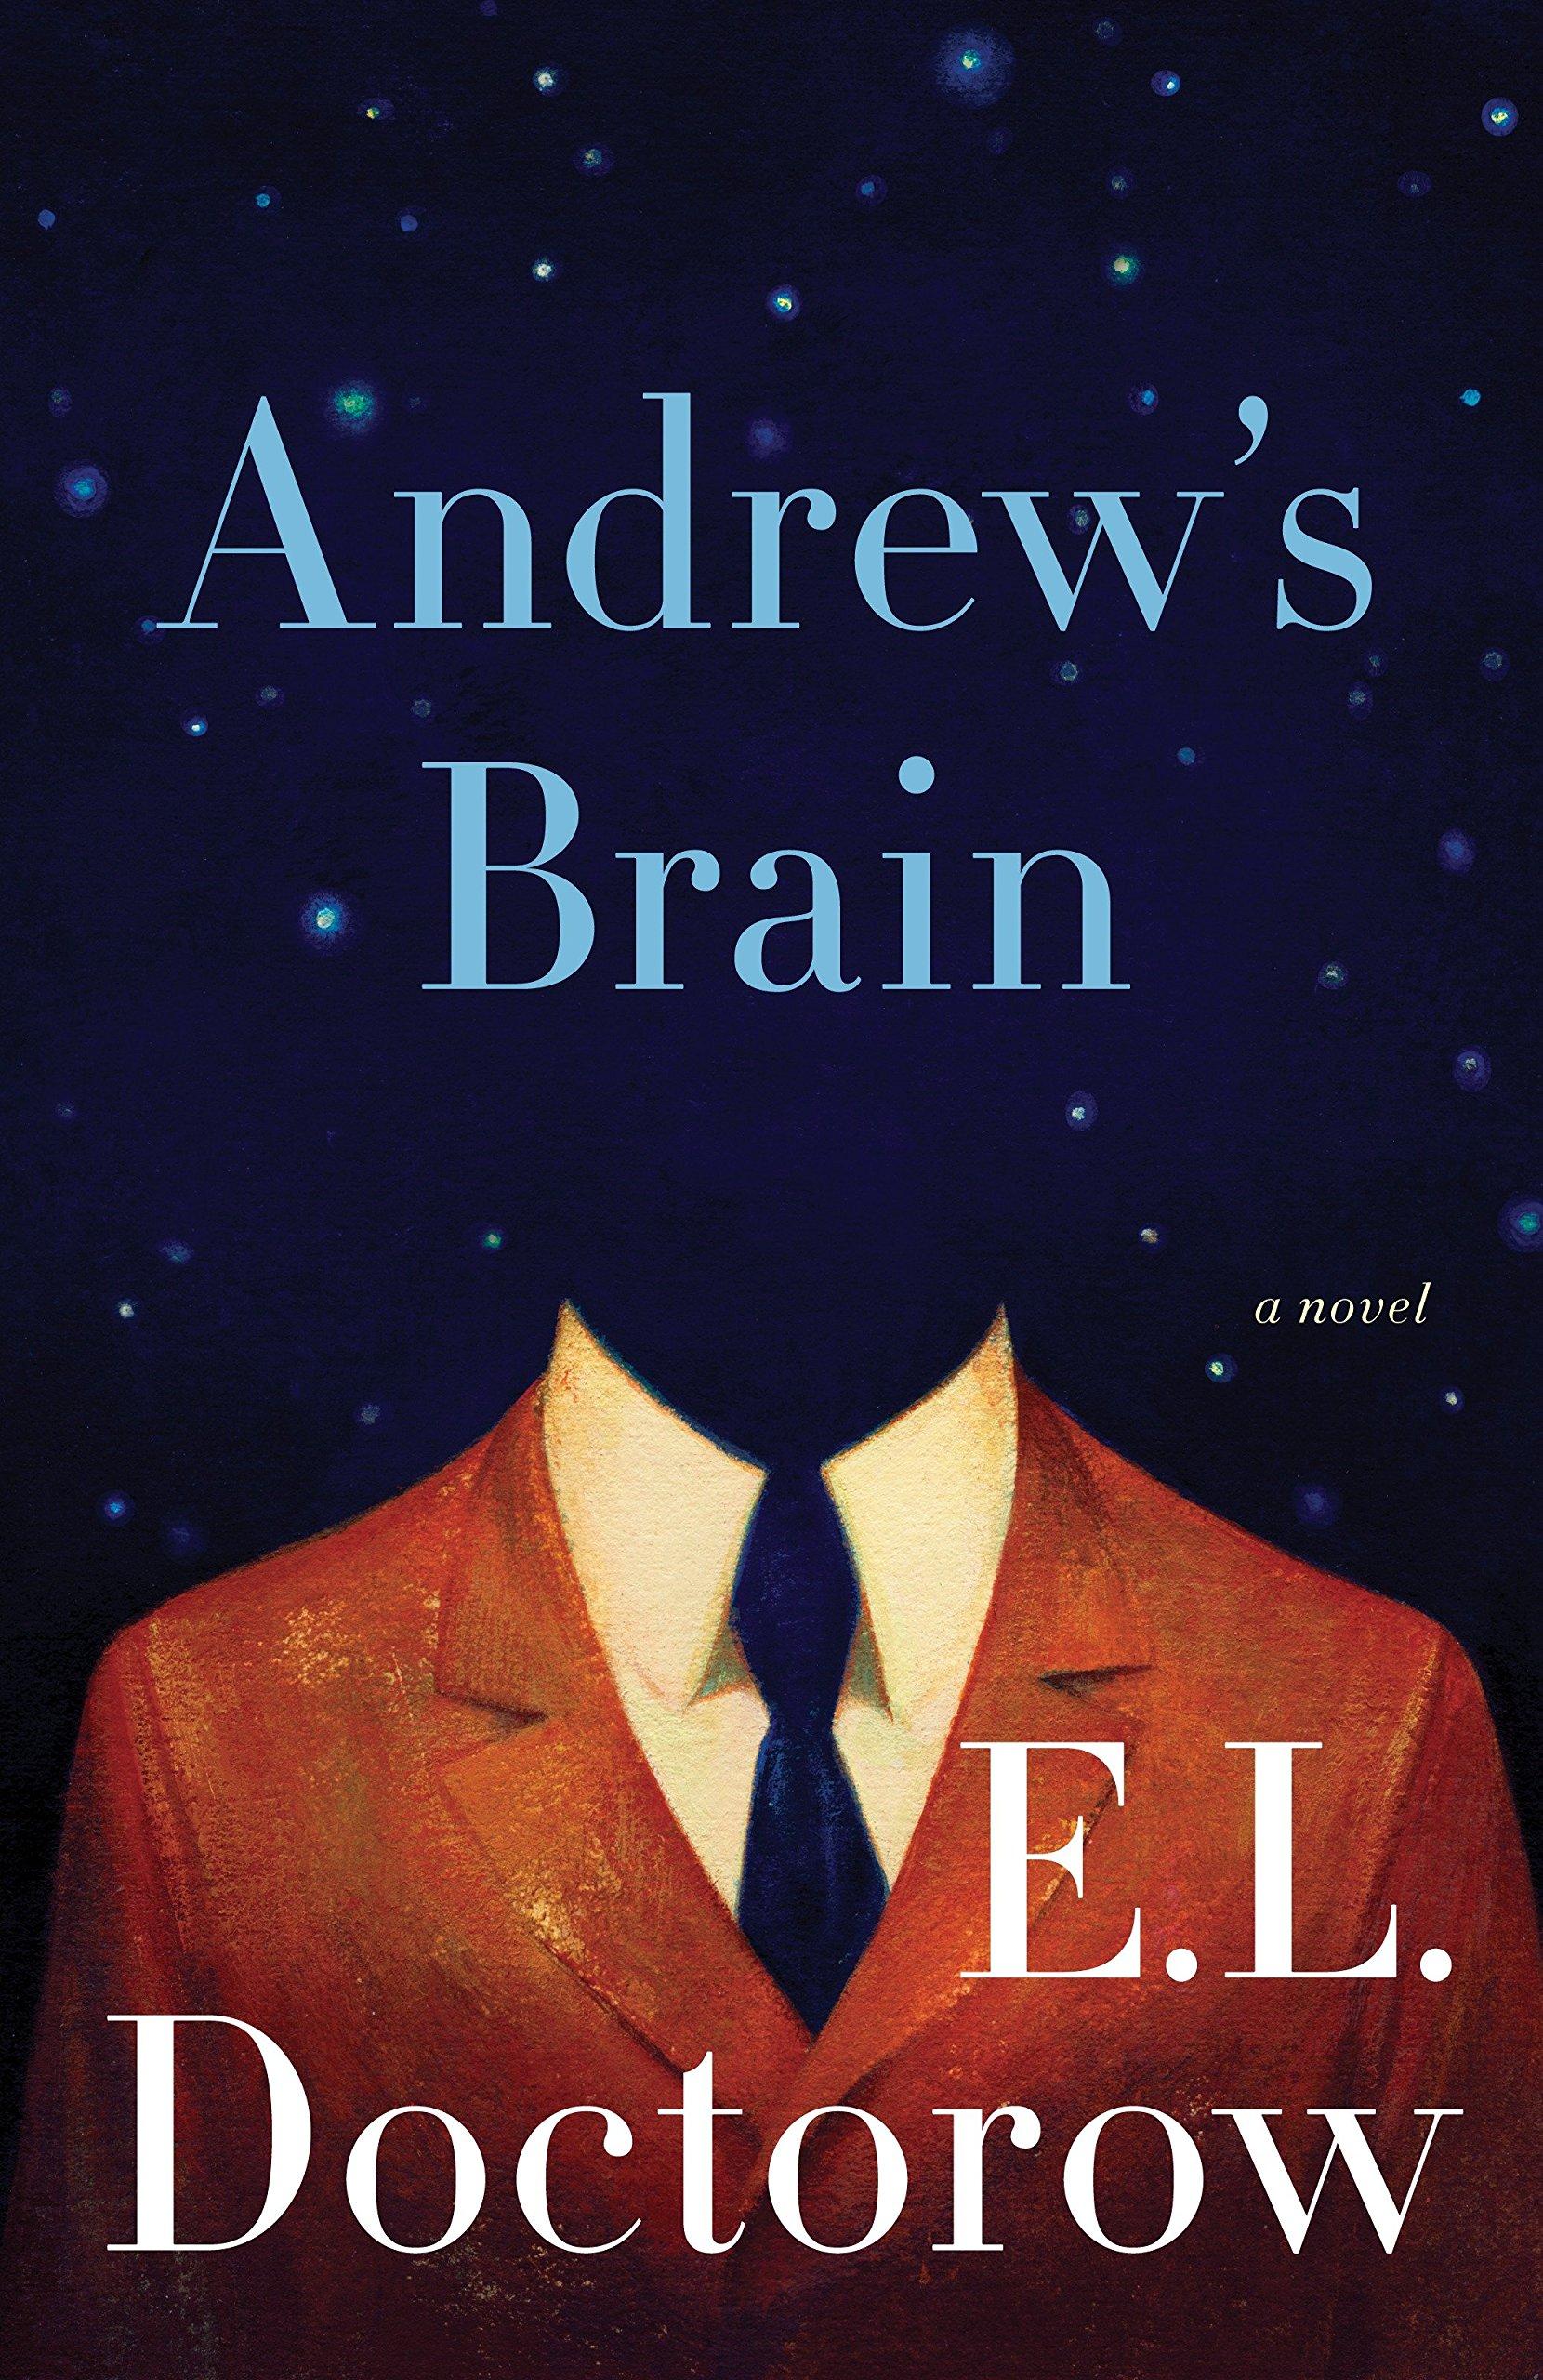 andrew-s-brain-a-novel